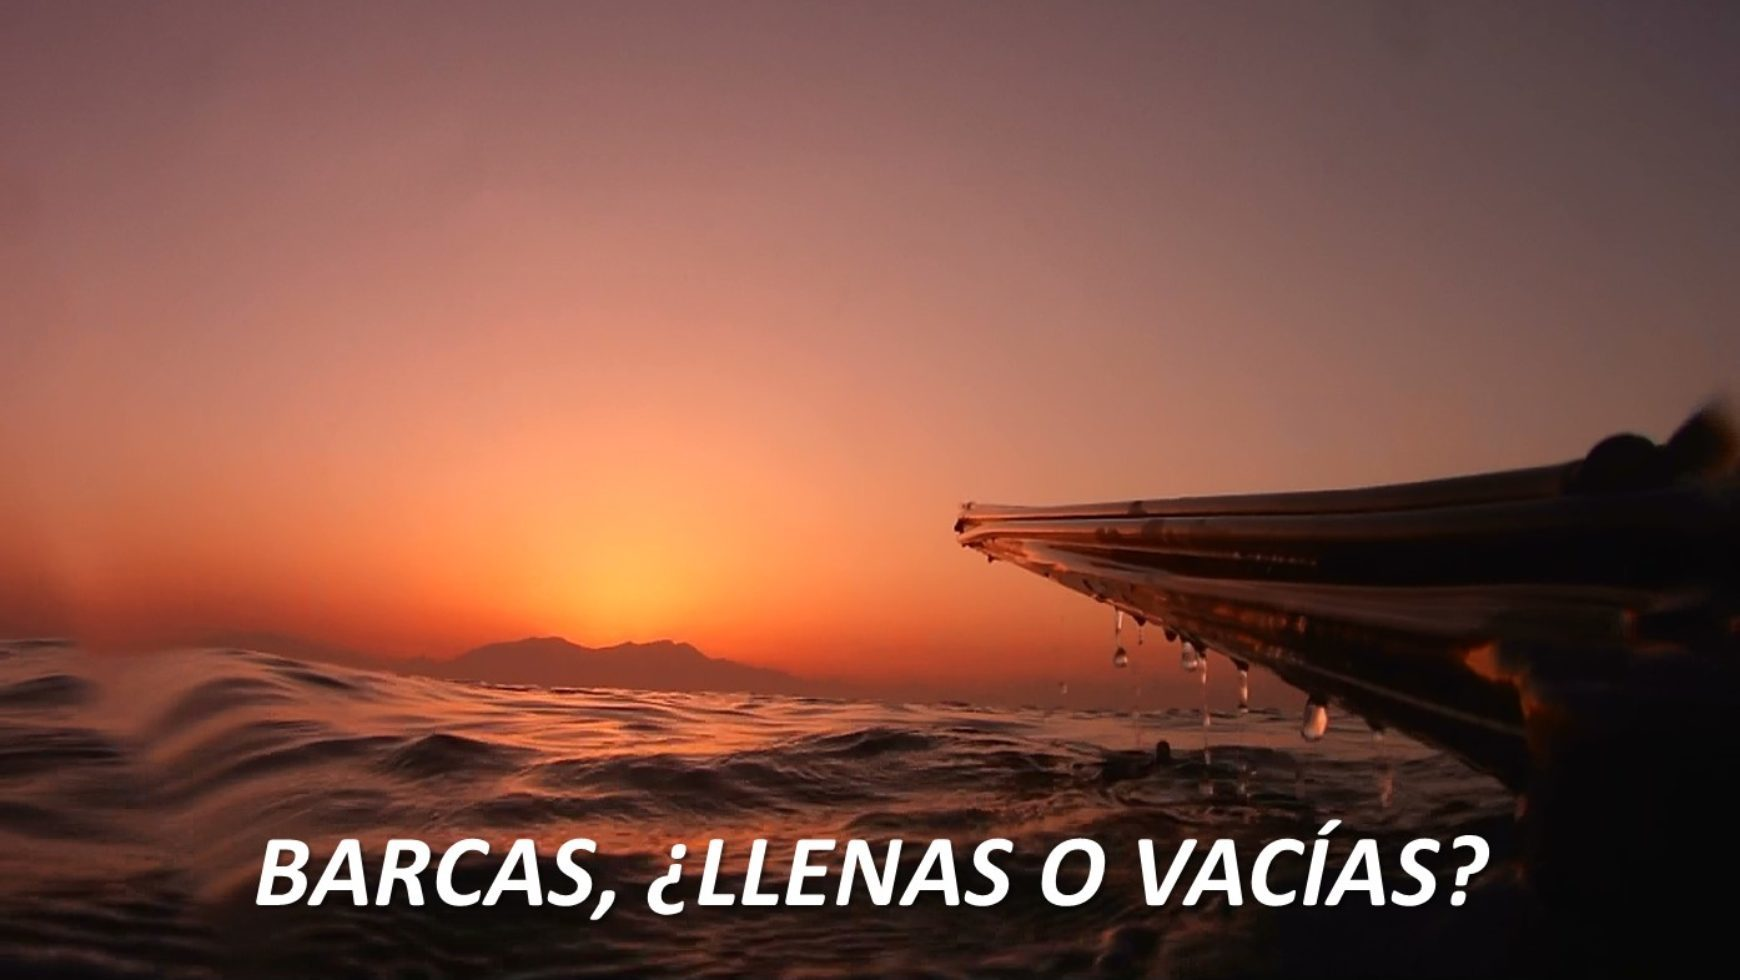 Barcas, ¿Llenas o Vacías?